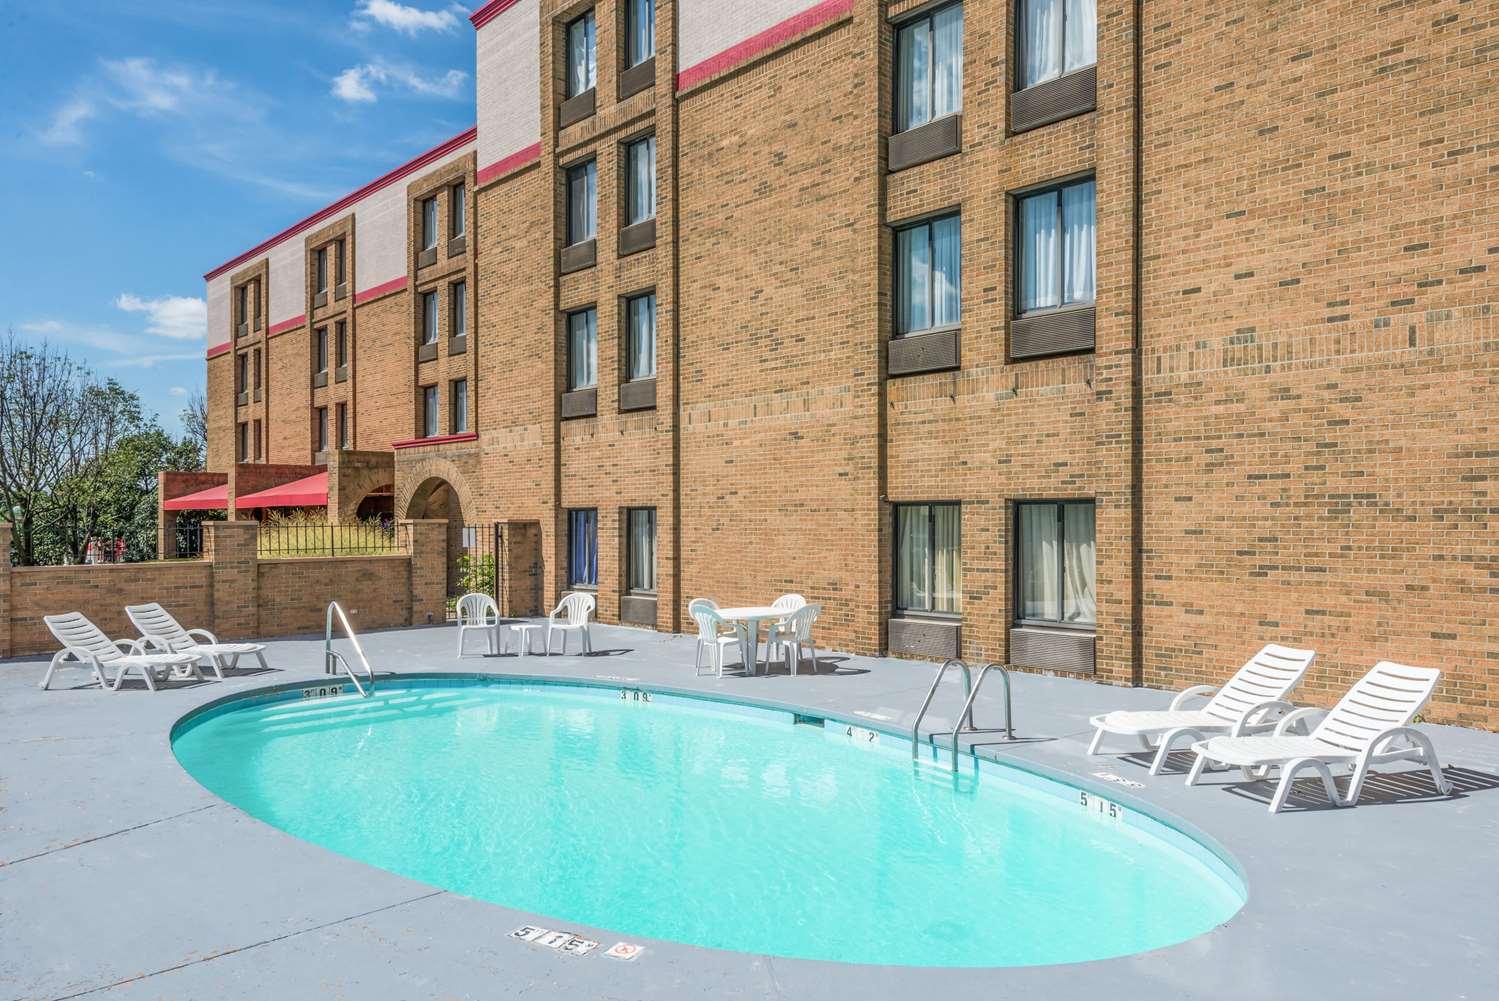 Pool - Ramada Hotel Xenia